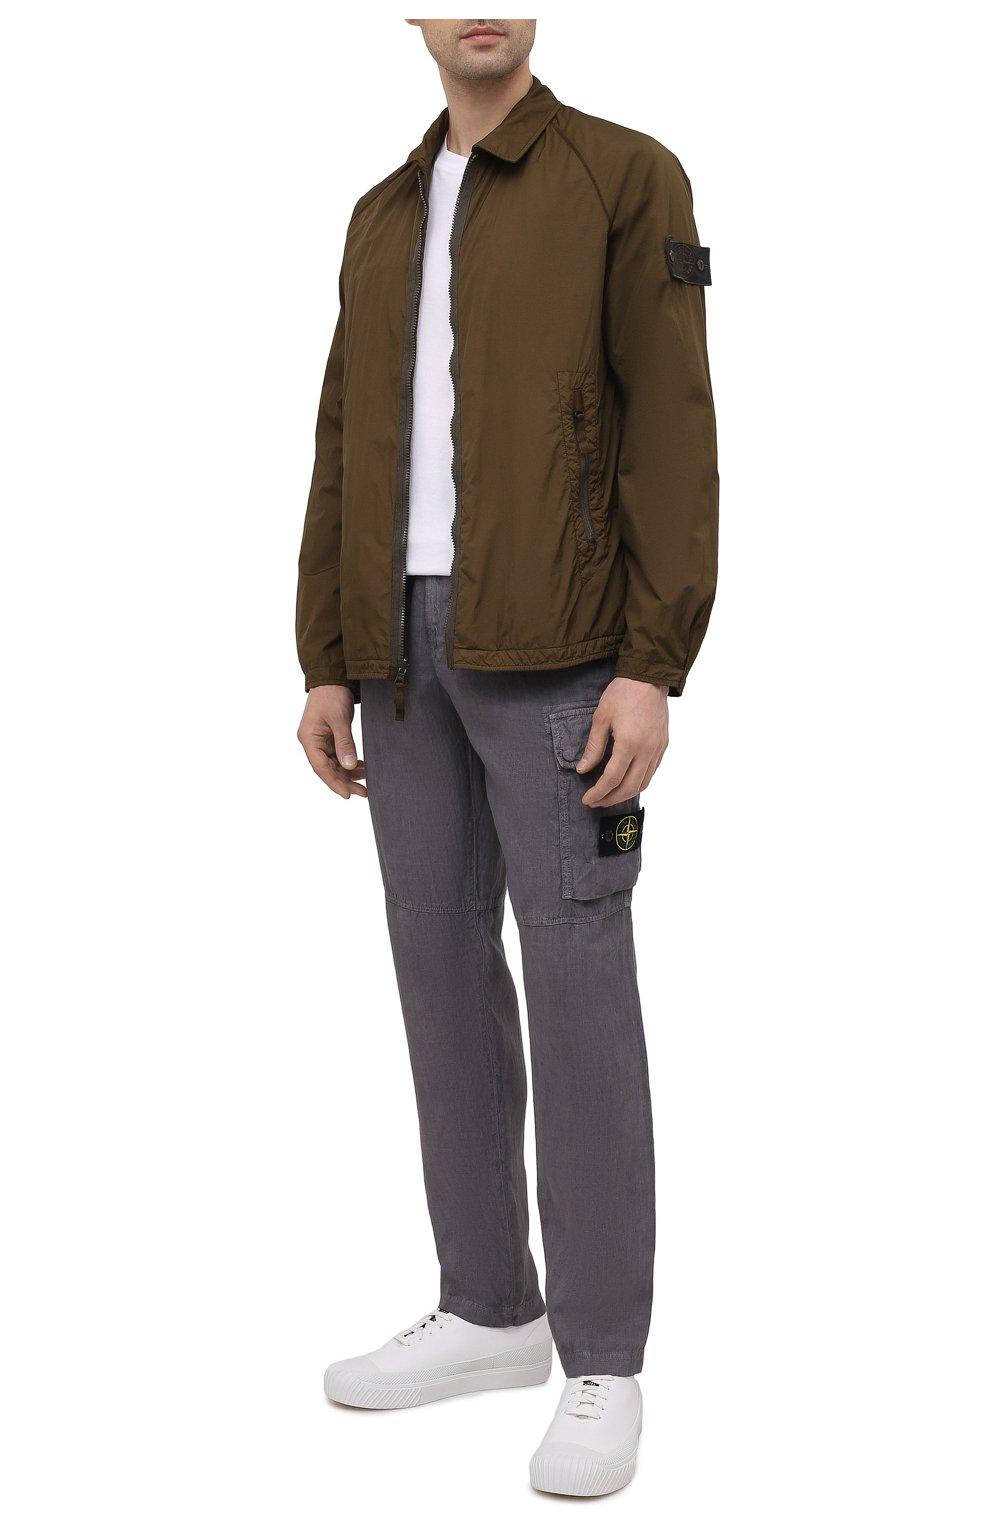 Мужские льняные брюки-карго STONE ISLAND серого цвета, арт. 741531601   Фото 2 (Силуэт М (брюки): Карго; Длина (брюки, джинсы): Стандартные; Случай: Повседневный; Стили: Гранж; Материал внешний: Лен)